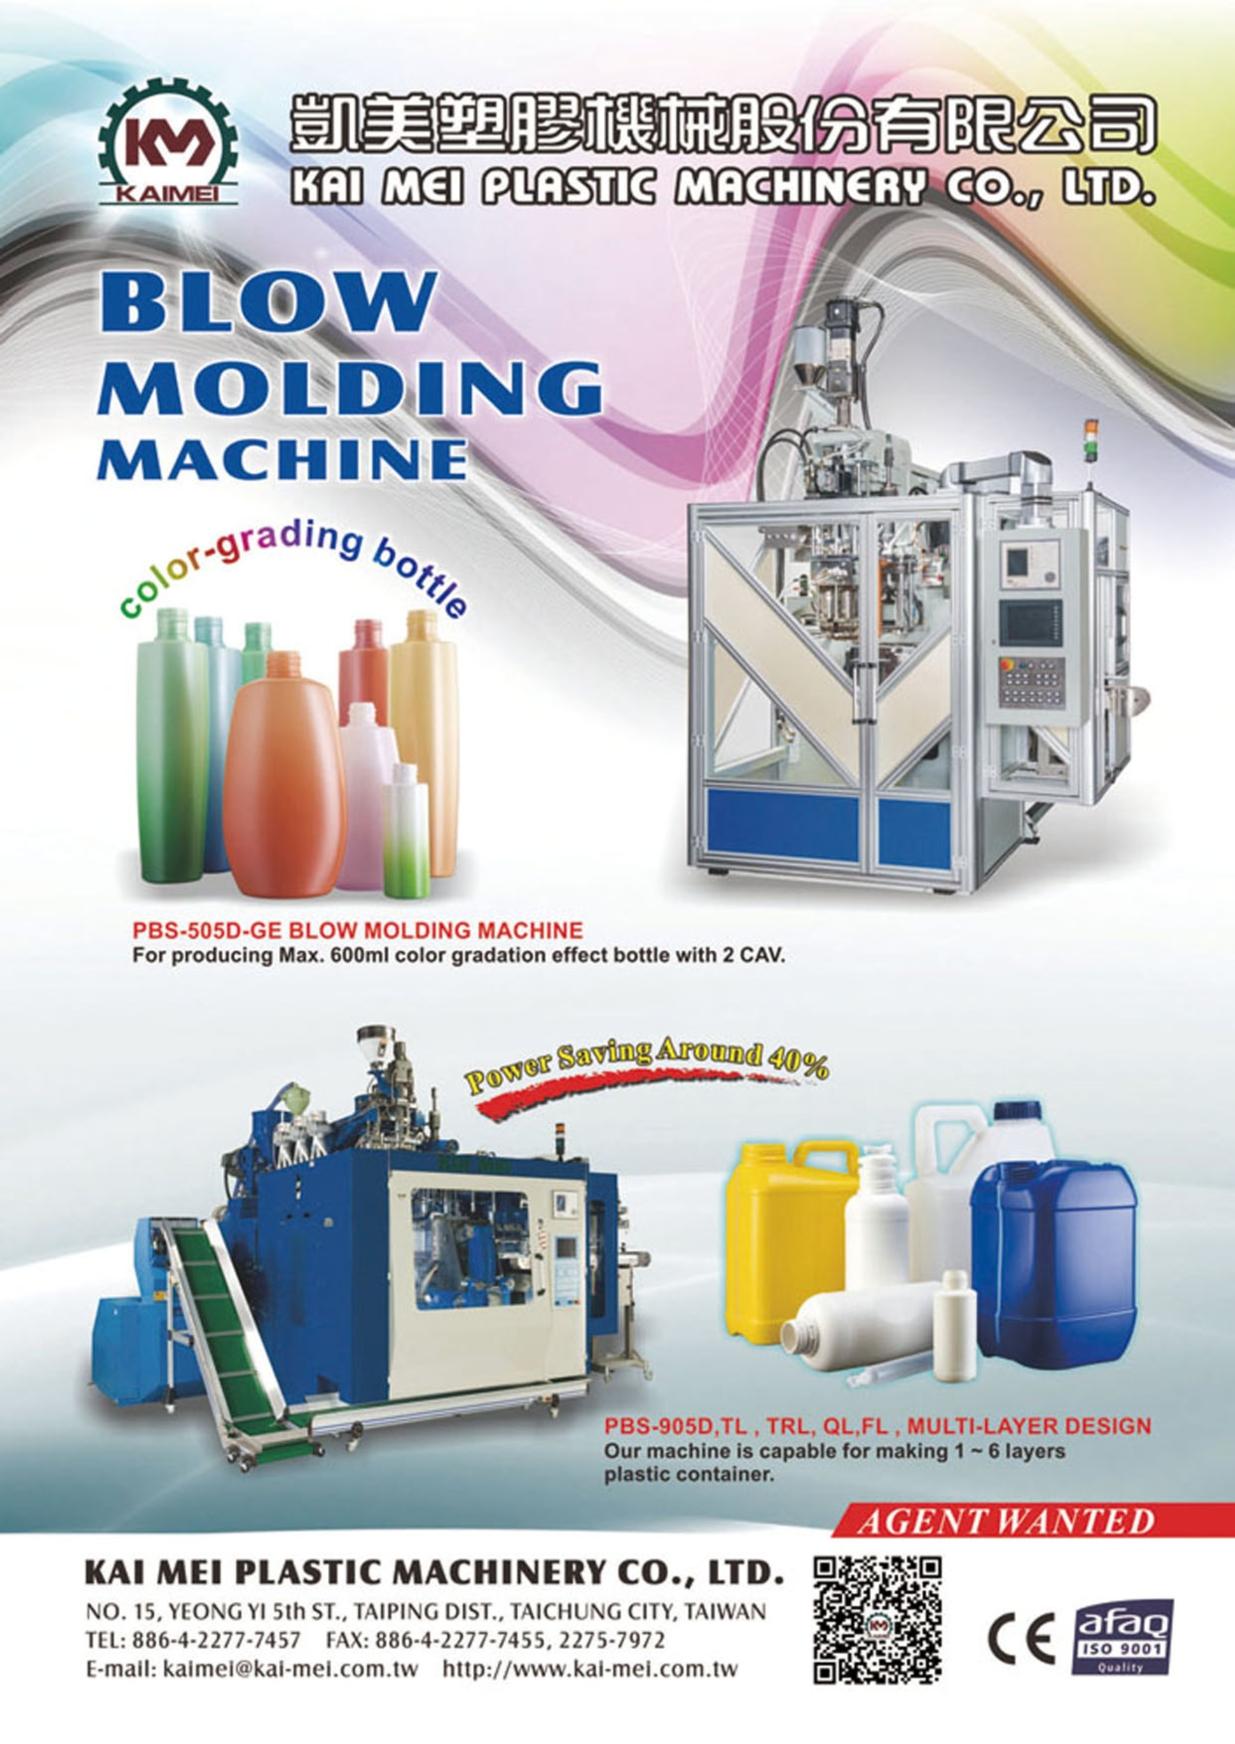 台湾机械制造厂商名录 凯美塑胶机械股份有限公司